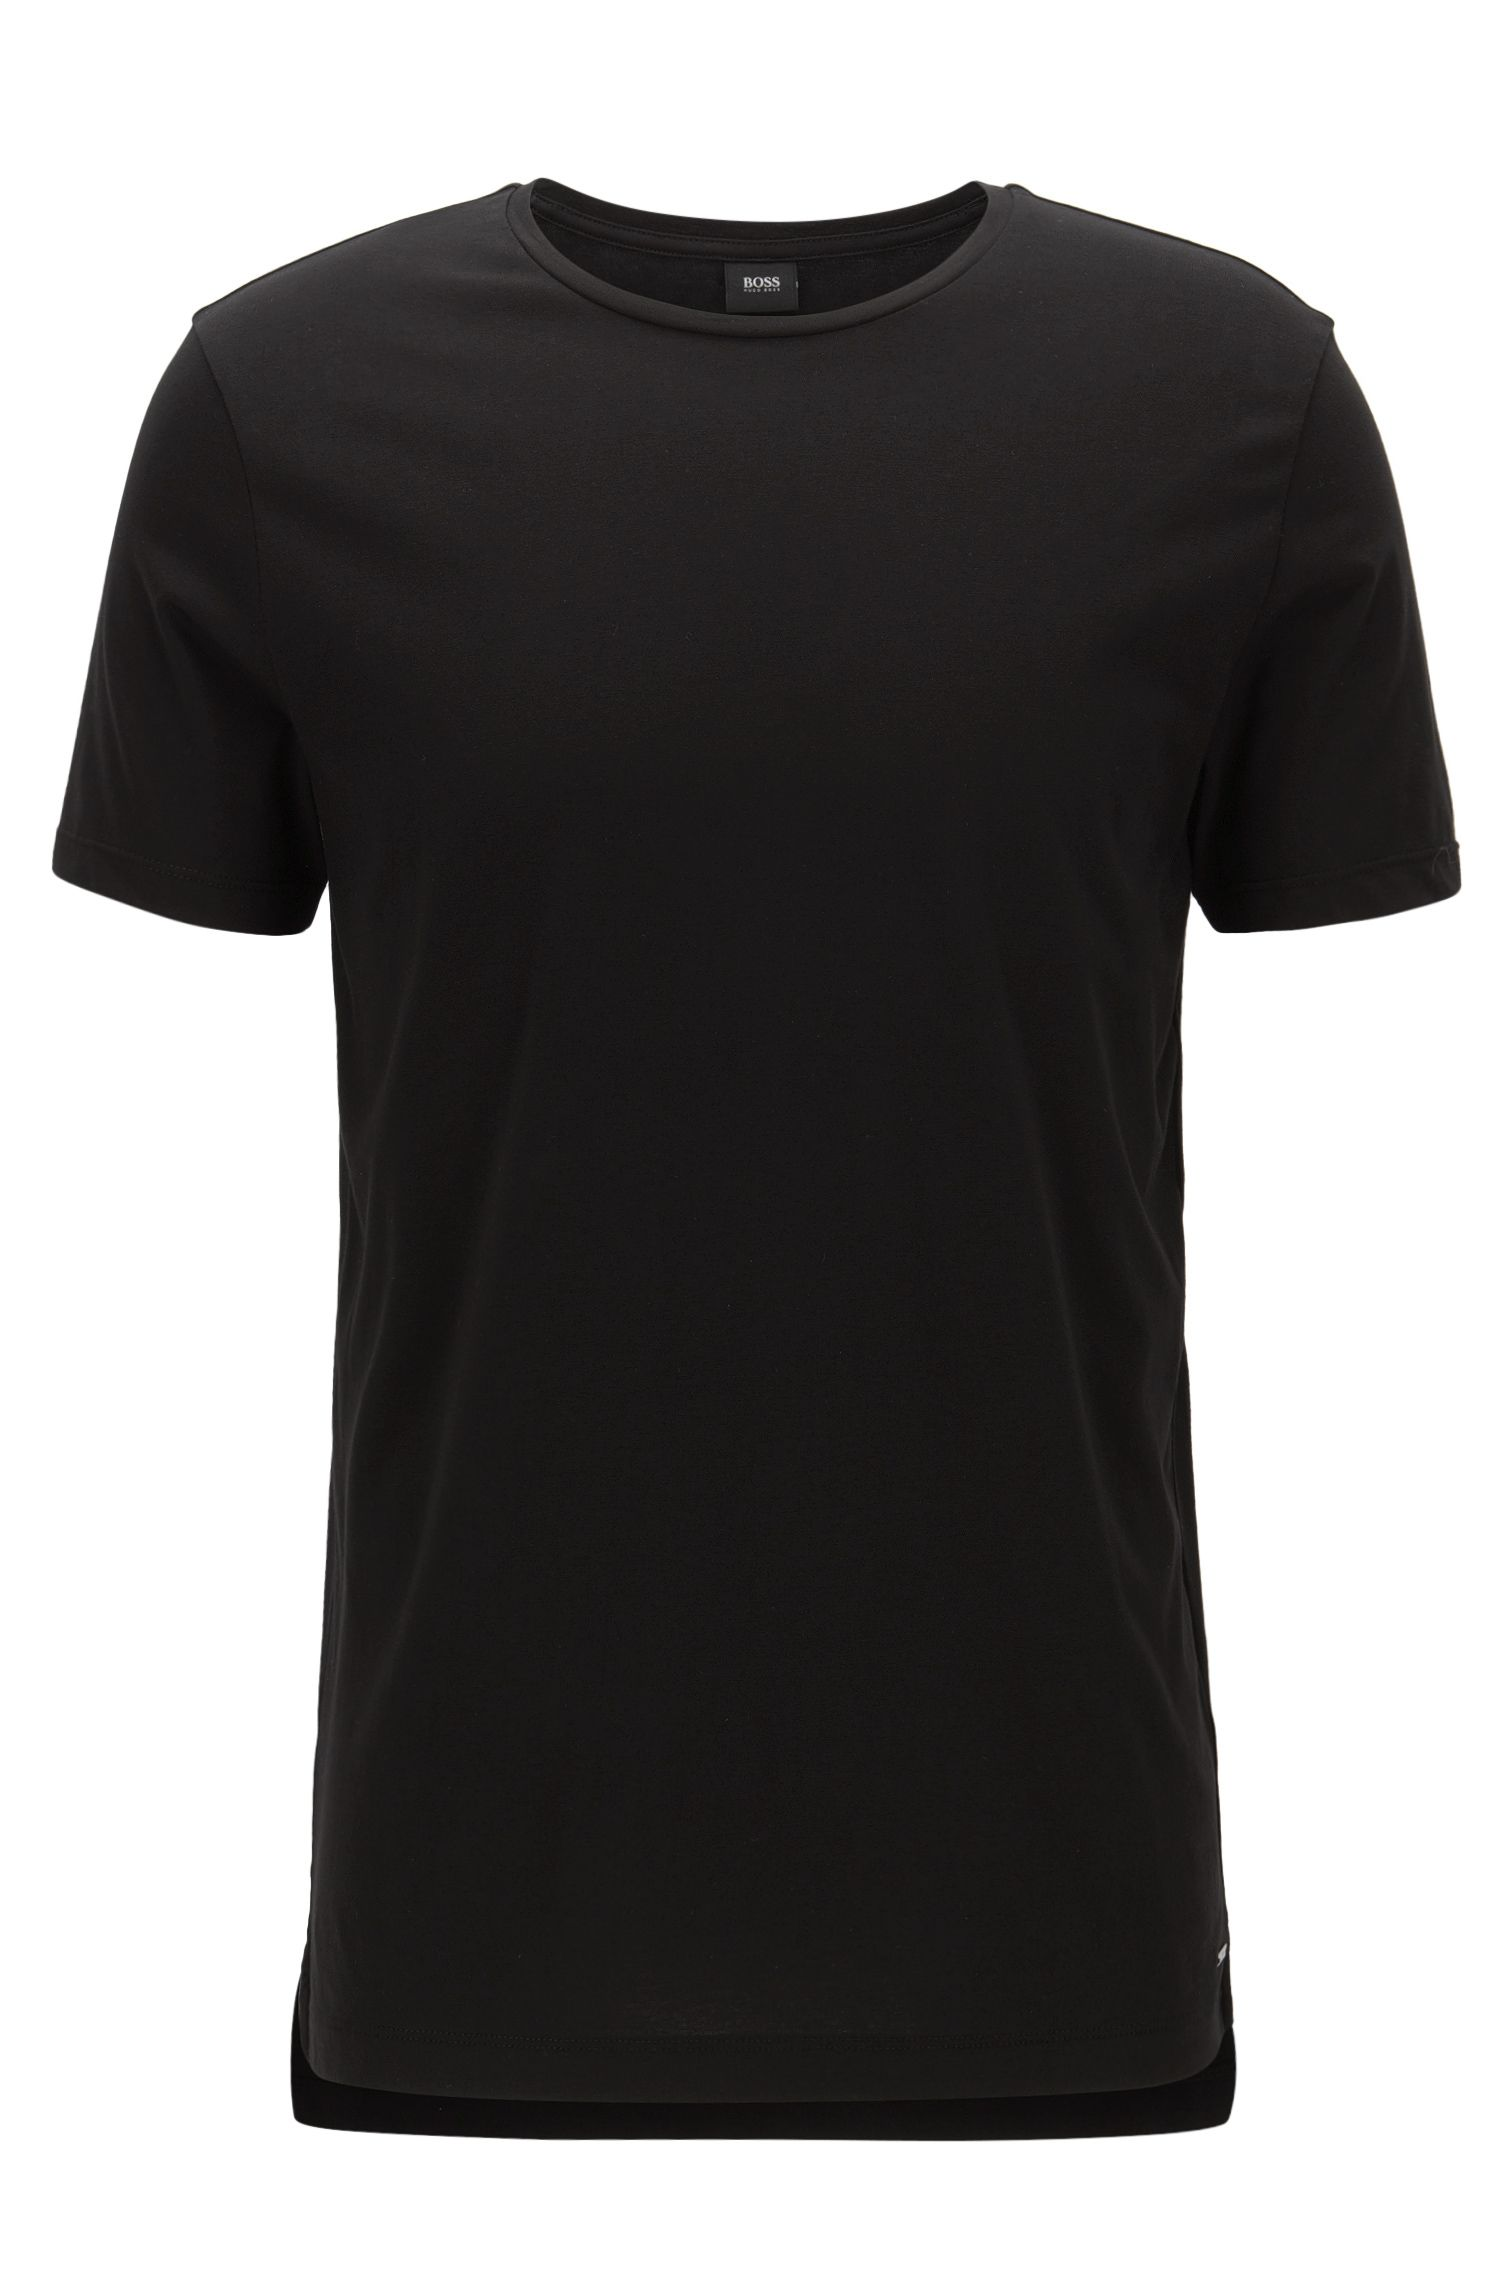 T-shirt slim fit in morbido jersey di cotone